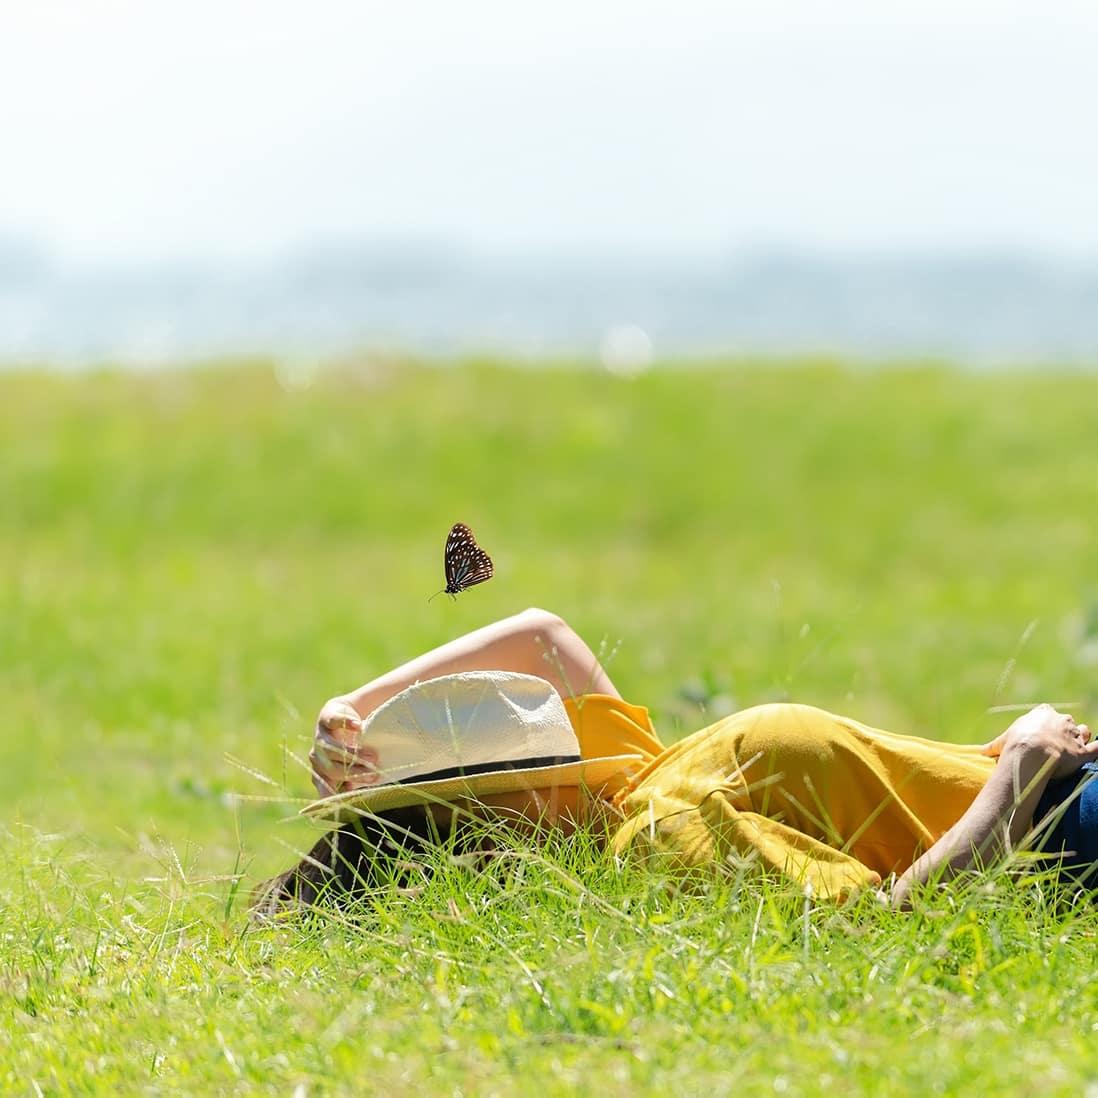 Im Alltagsstress bleibt oft wenig Zeit für körperliche Aktivitäten an der frischen Luft oder ein ausgiebiges Sonnenbad. Dies kann auf Dauer zu einem Vitamin-D-Mangel führen.